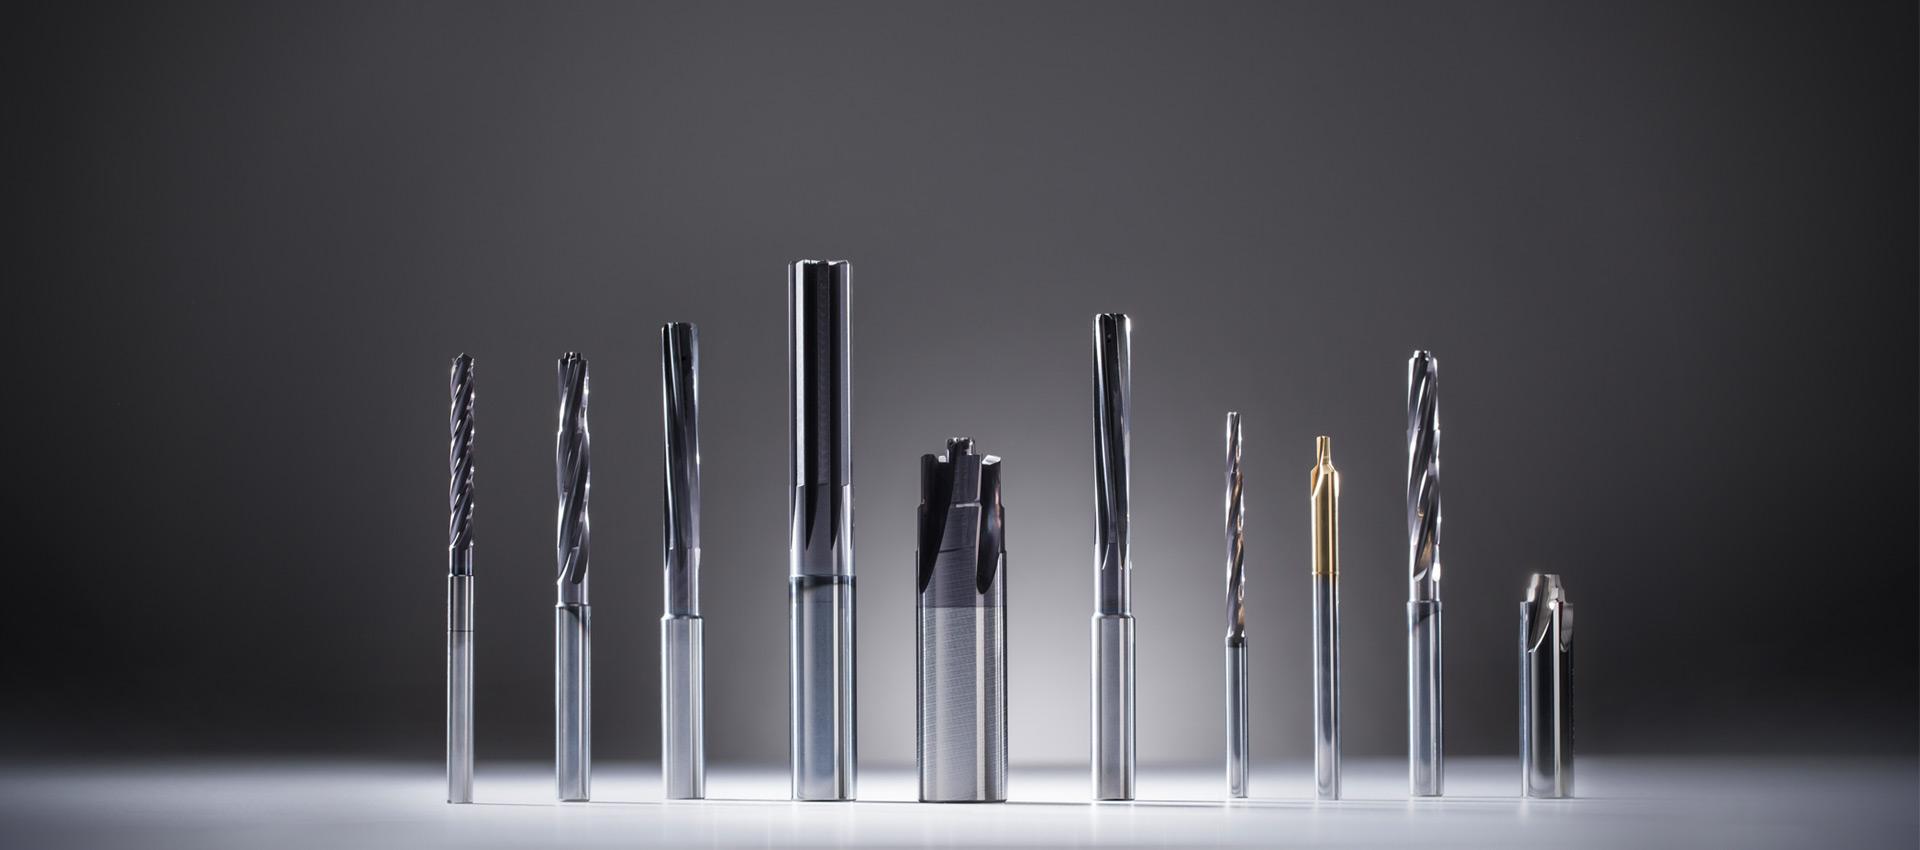 Mauth Werkzeuglösungen - Reibahlen